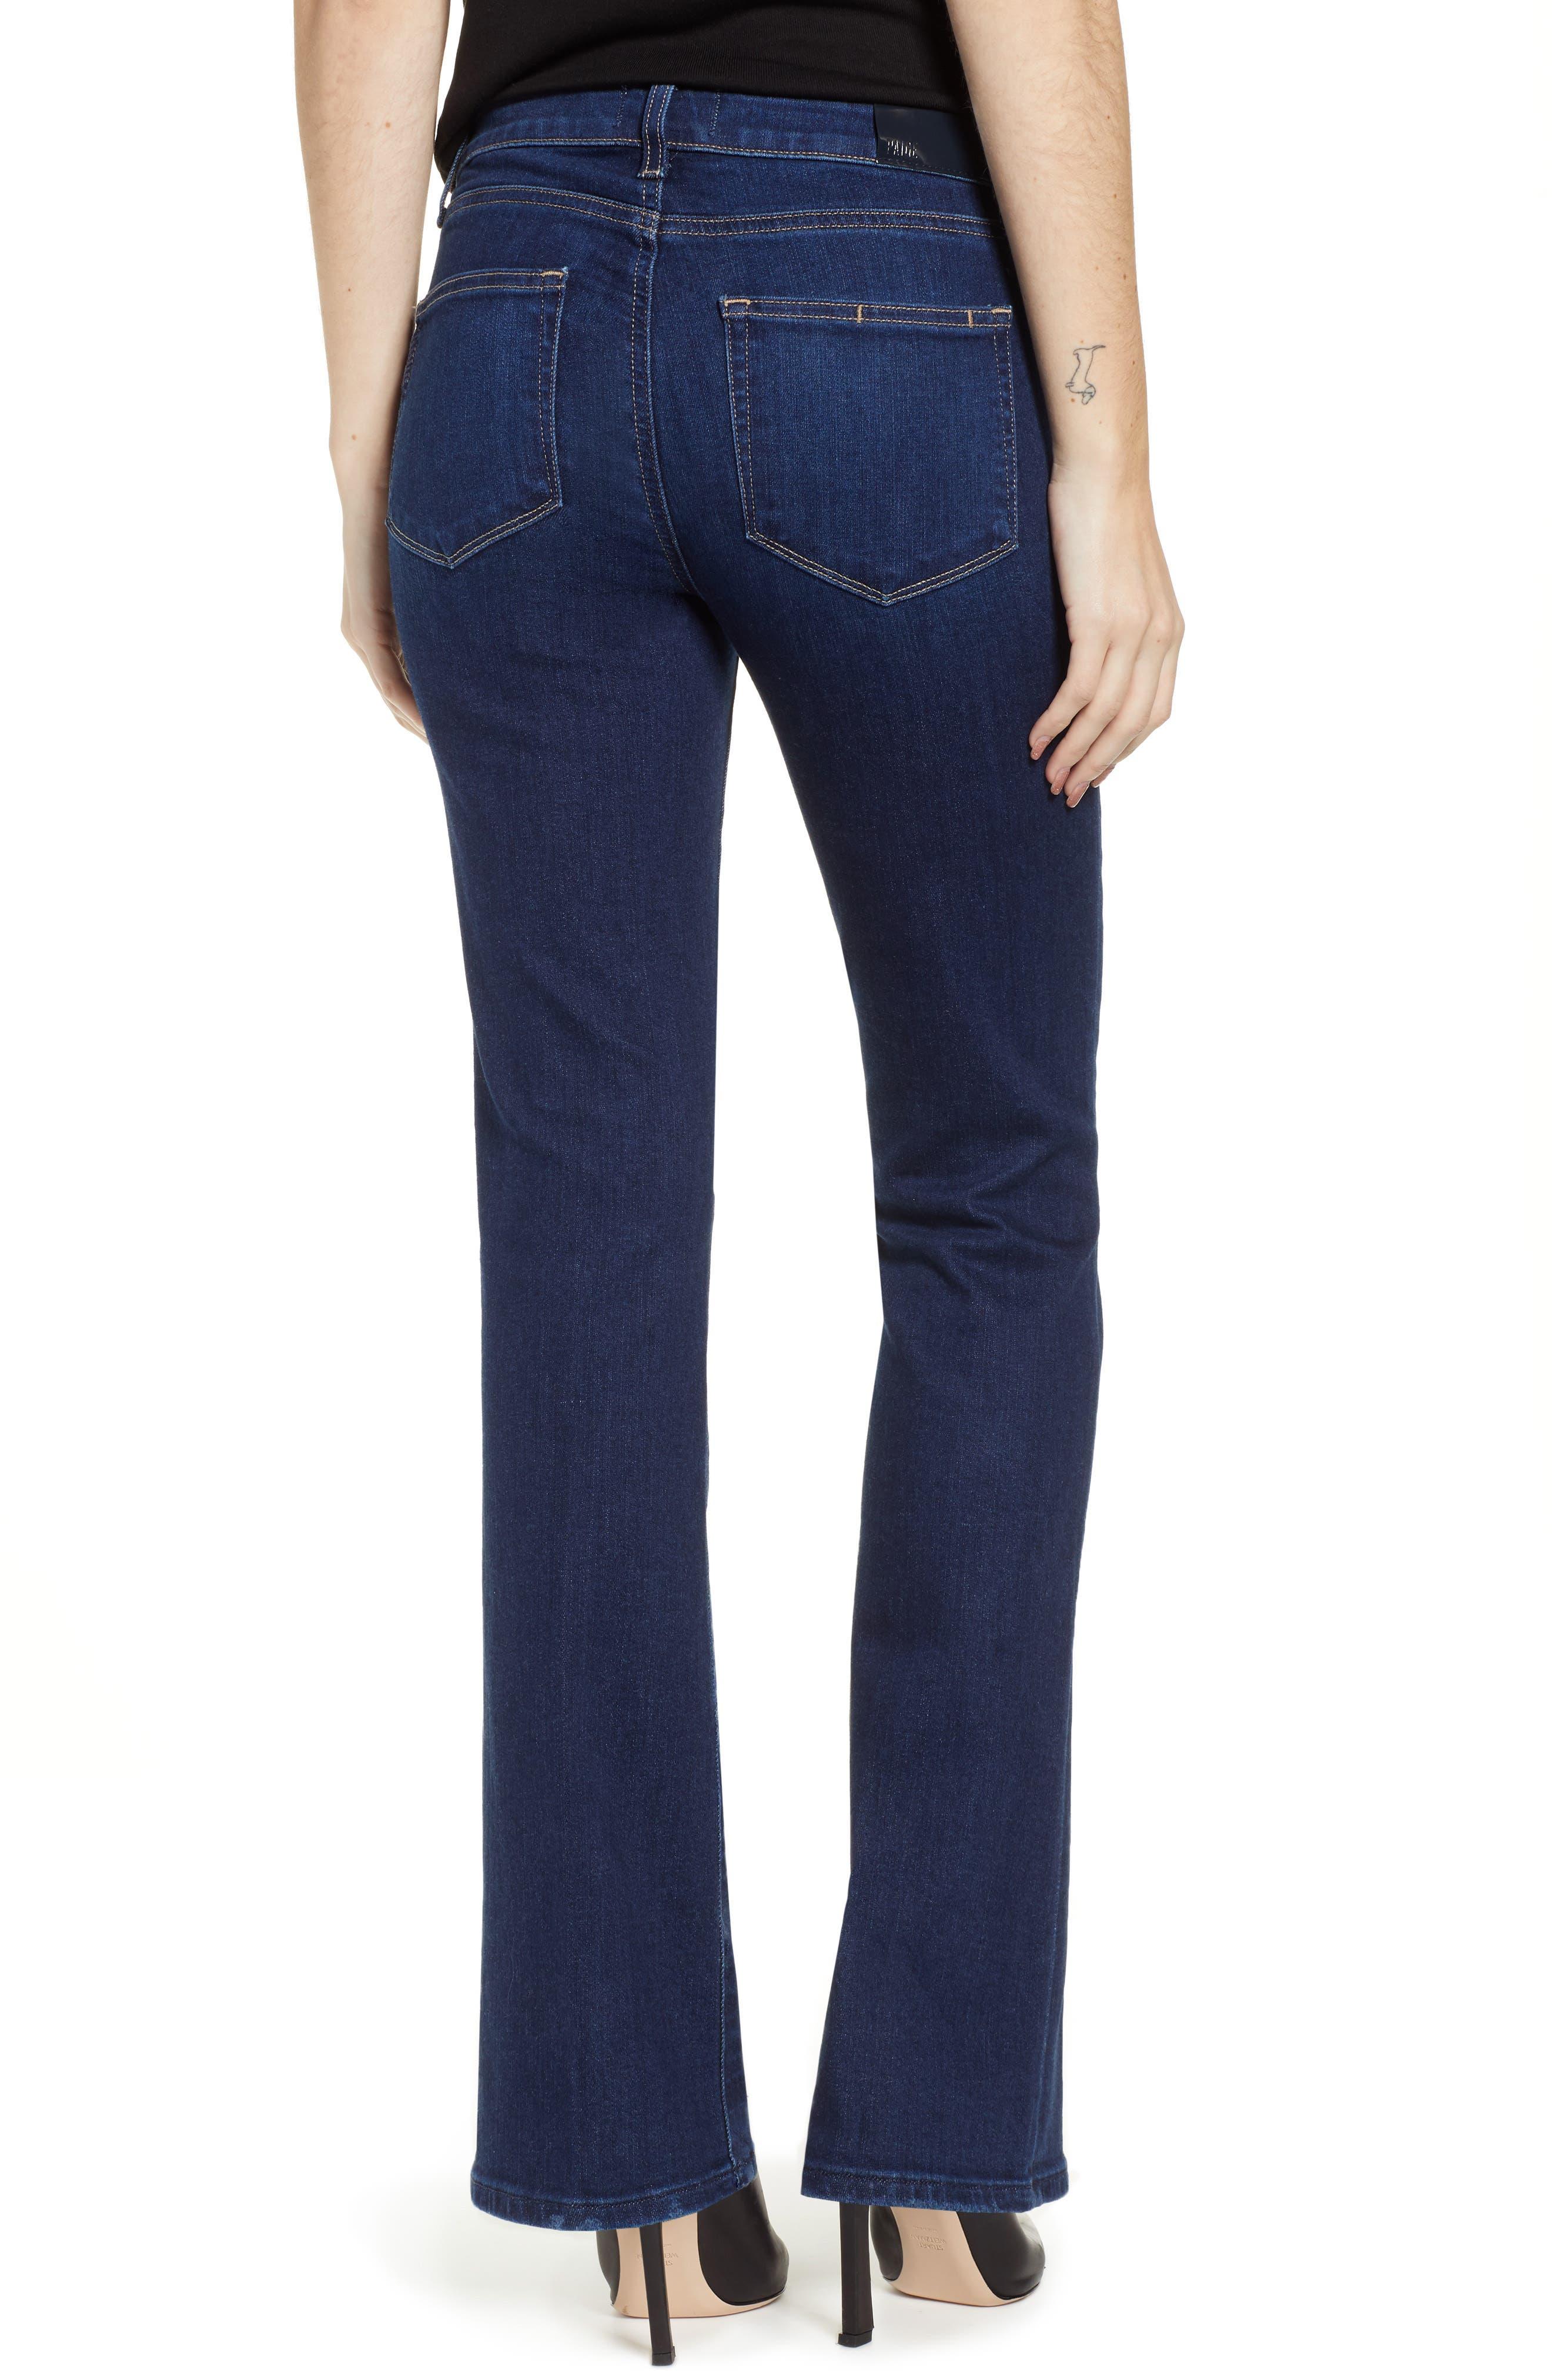 PAIGE, Transcend Vintage - Manhattan High Waist Bootcut Jeans, Alternate thumbnail 2, color, 400